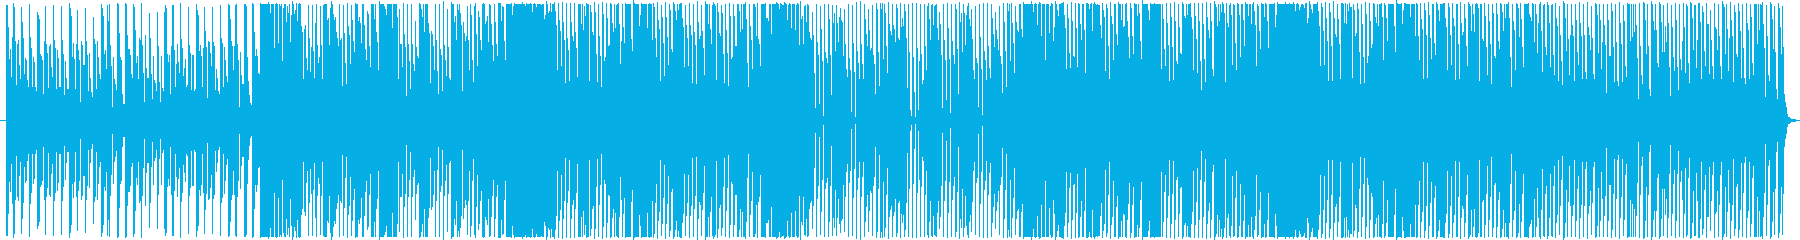 コミカルな雰囲気を持つ4つ打ちのBGMの再生済みの波形